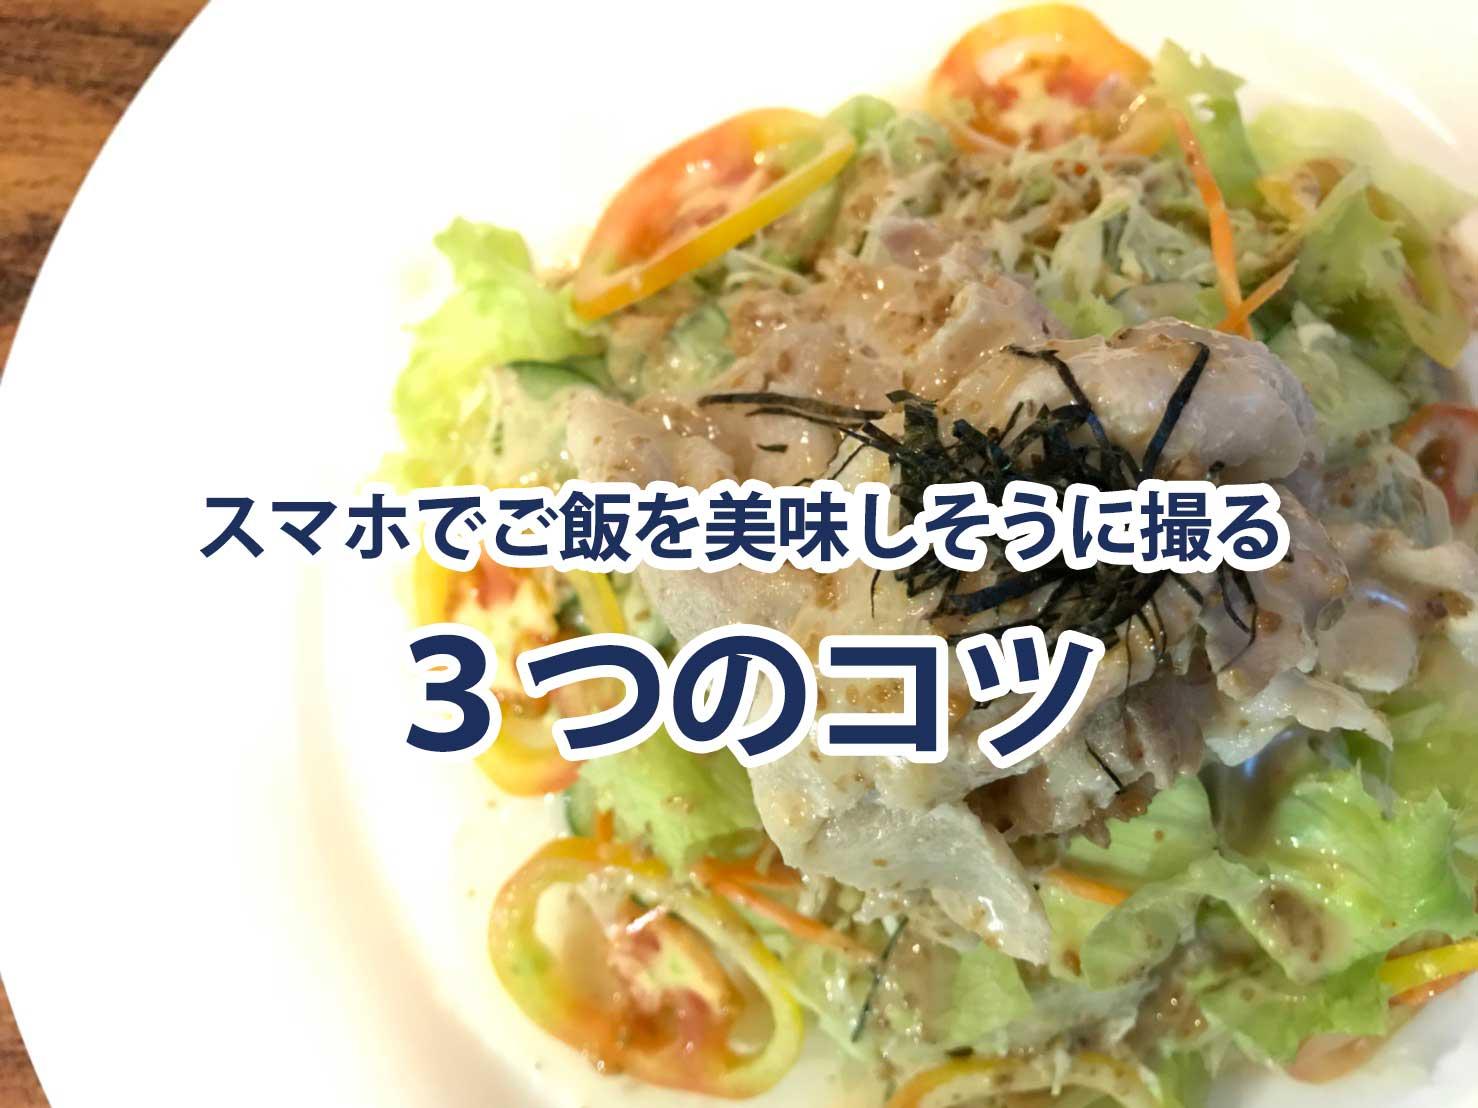 スマホでご飯を美味しそうに撮る3つのコツ